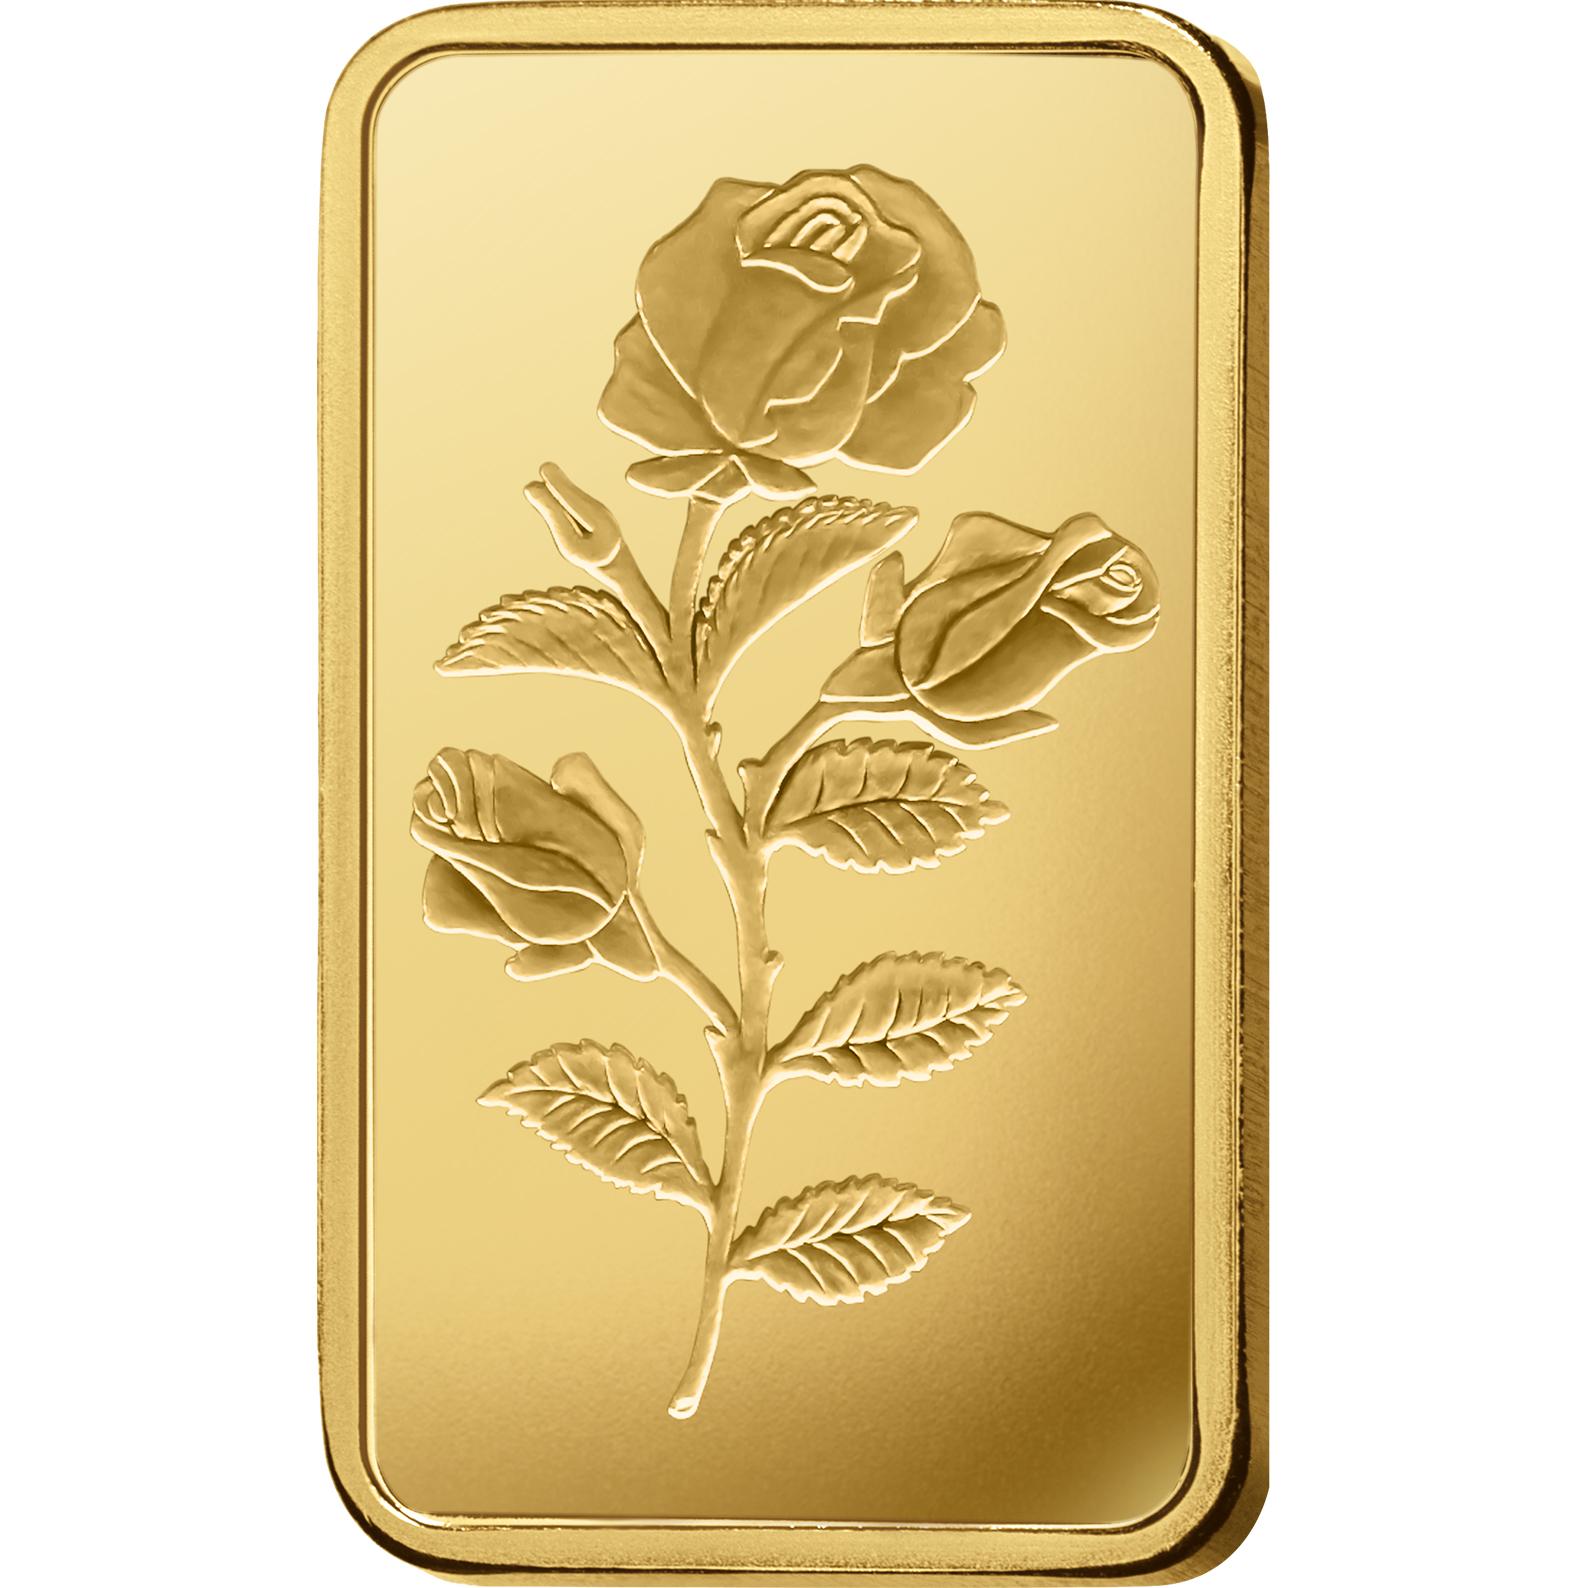 100 Gramm Goldbarren - PAMP Suisse Rosa